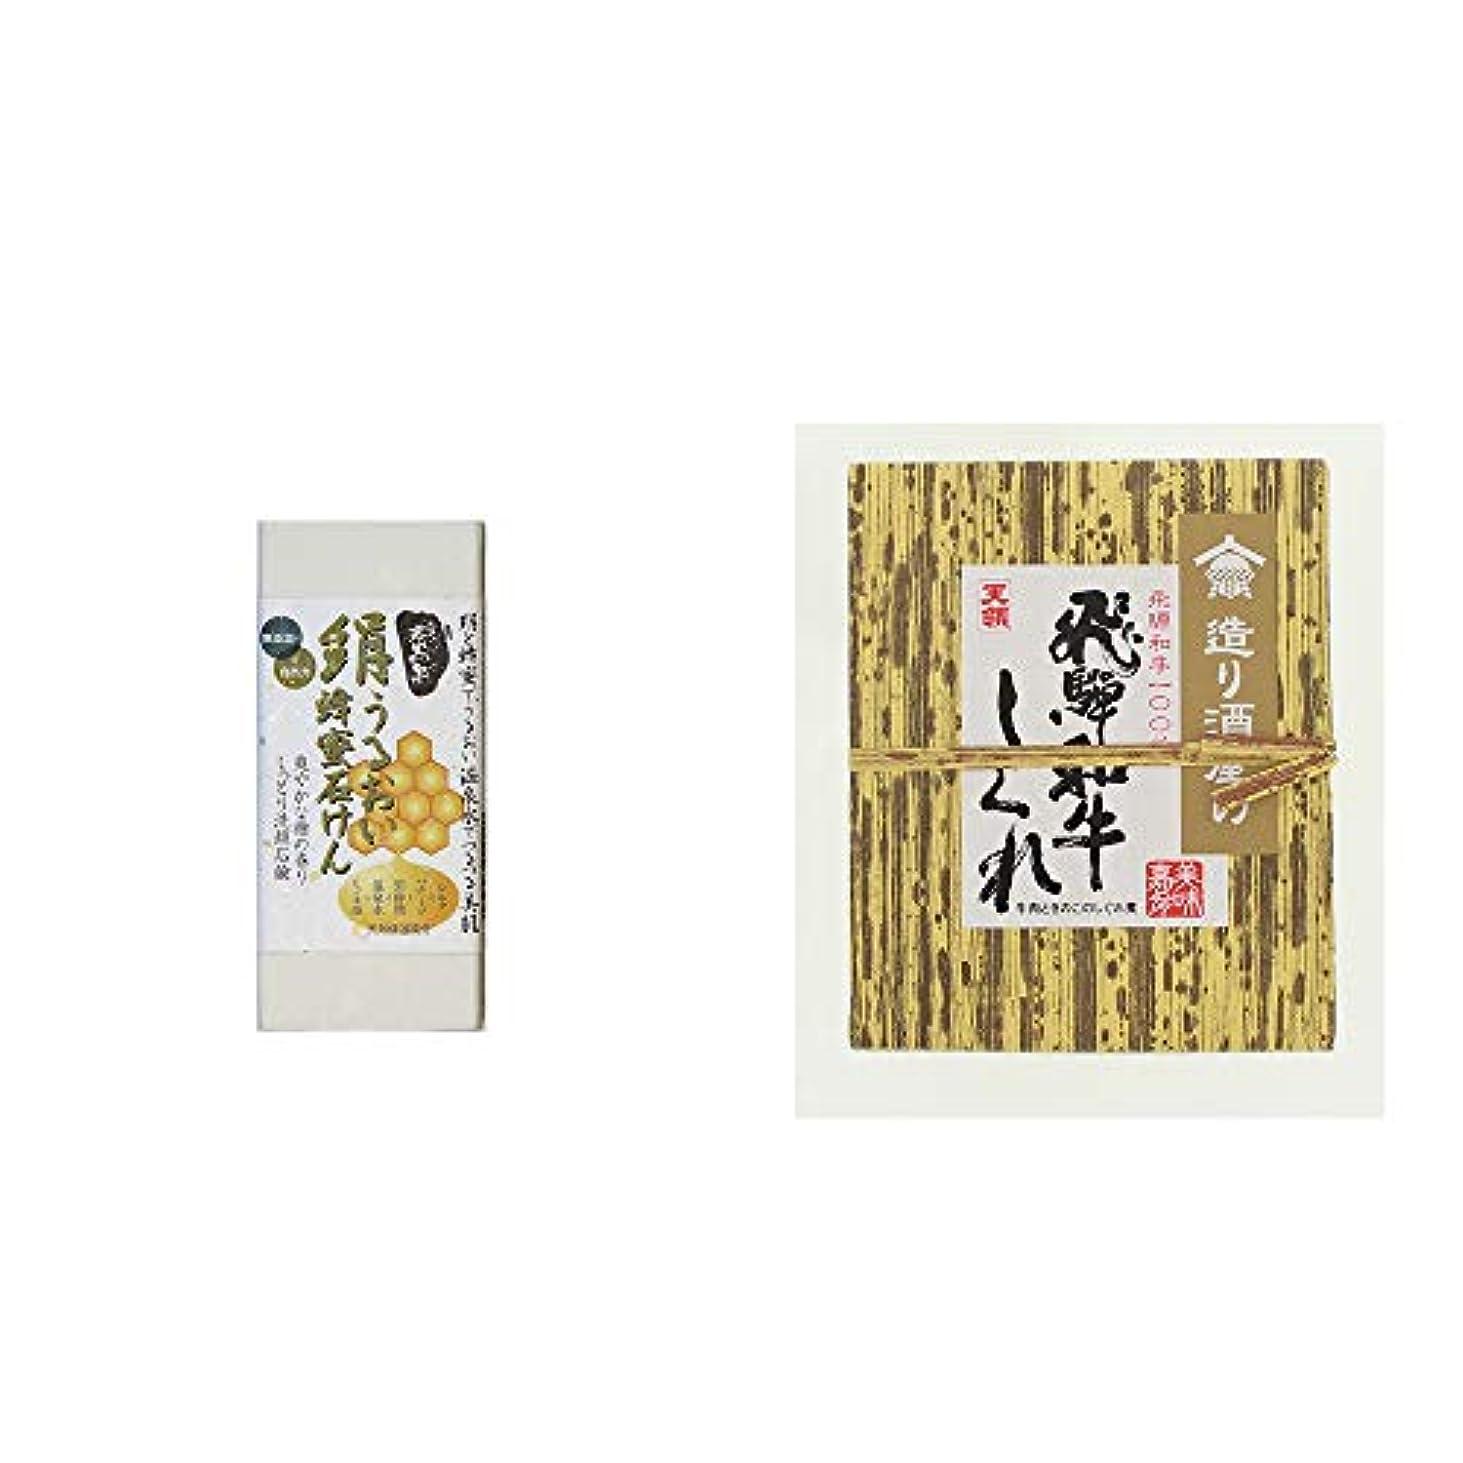 教会従者食べる[2点セット] ひのき炭黒泉 絹うるおい蜂蜜石けん(75g×2)?天領酒造 造り酒屋の飛騨和牛しぐれ(100g)